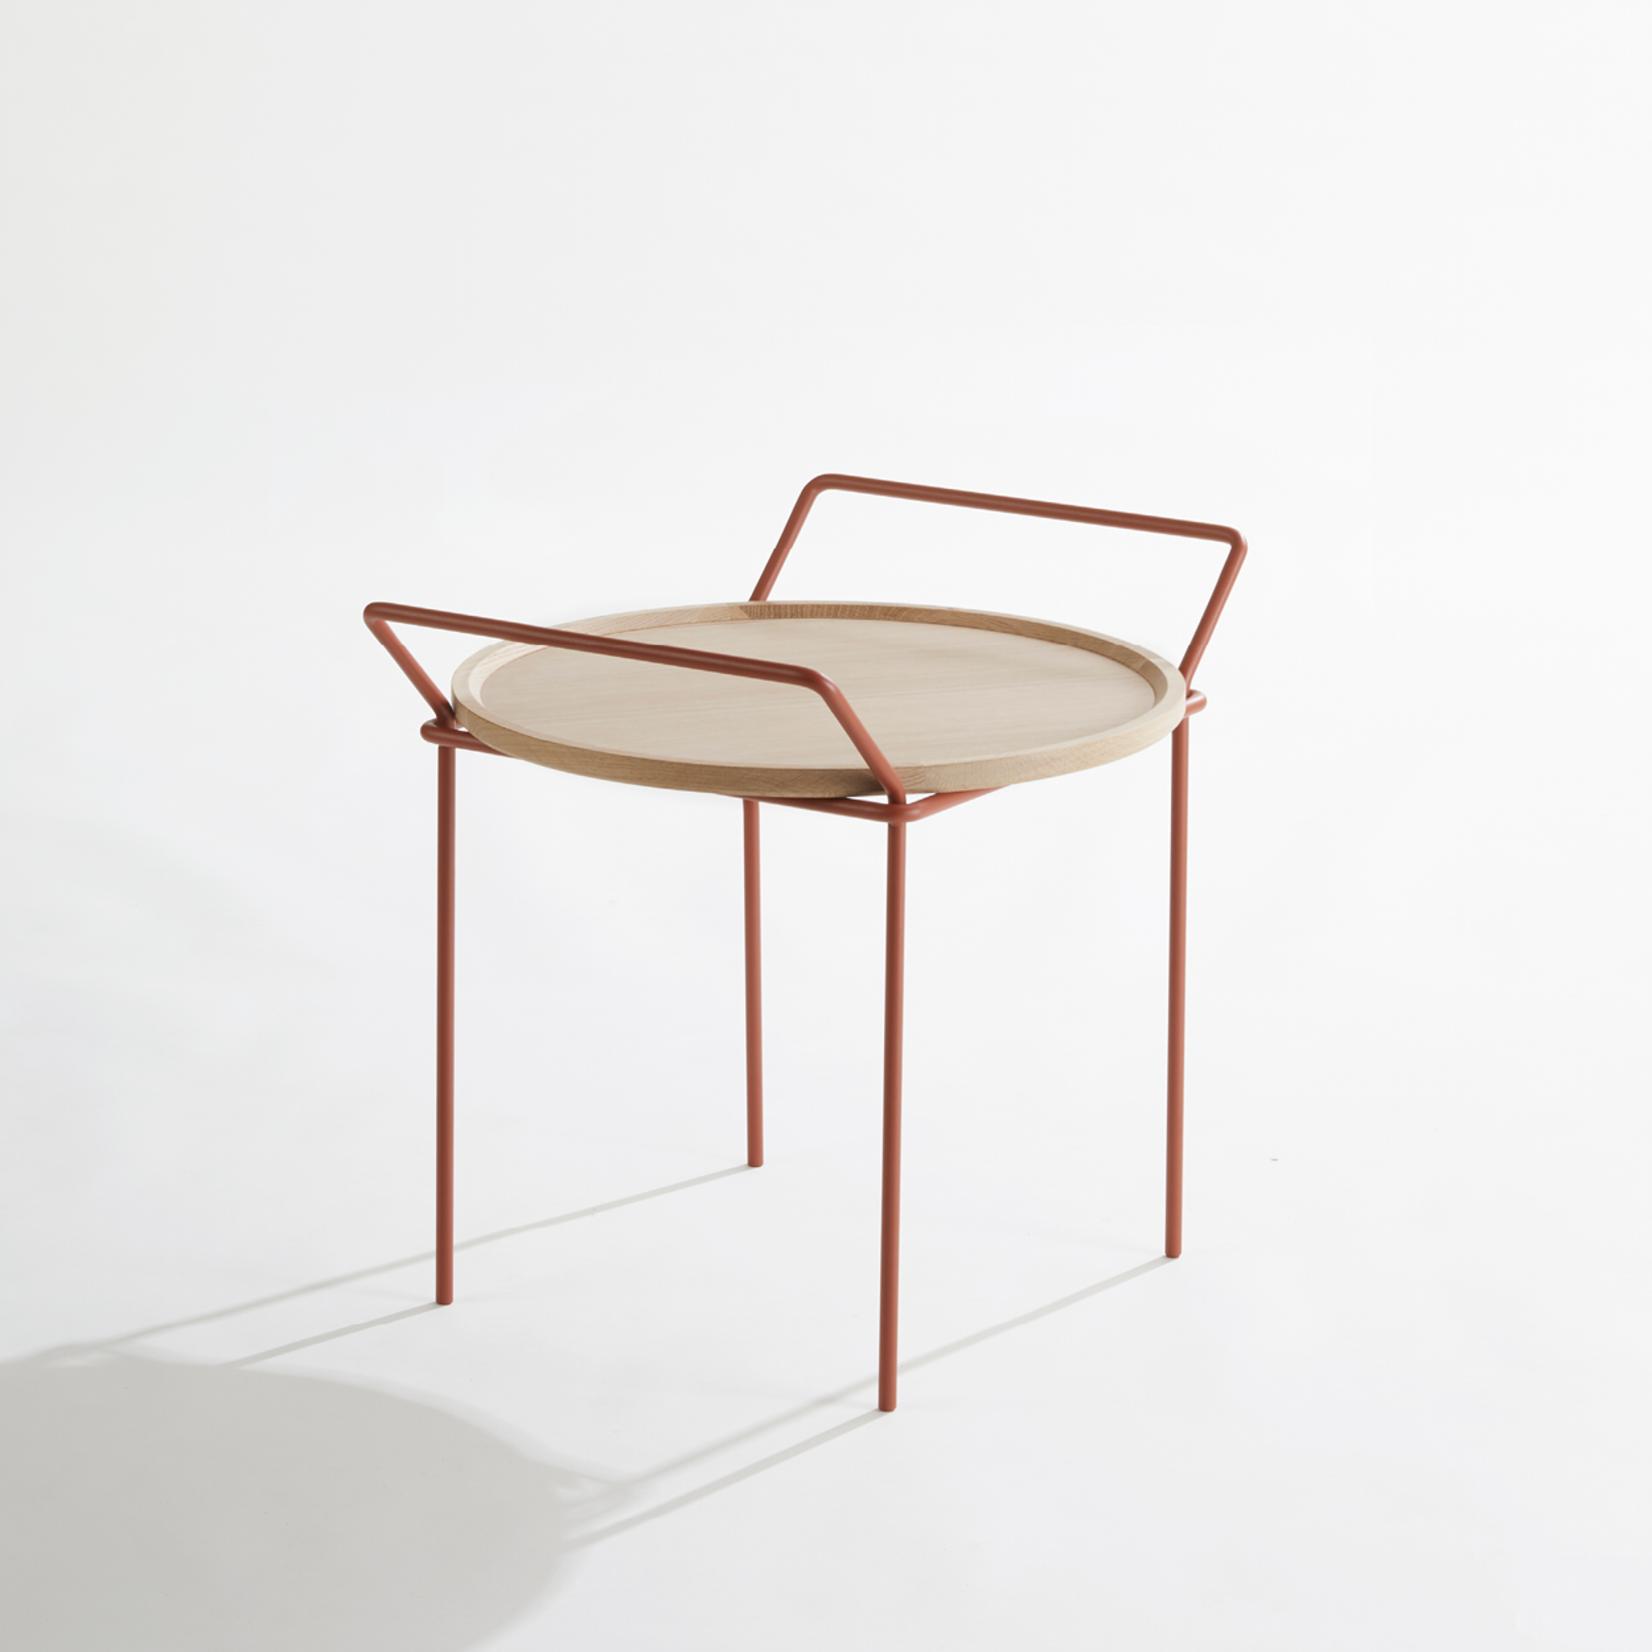 LABEL | Vandenberg Carry oak-wood with copper frame